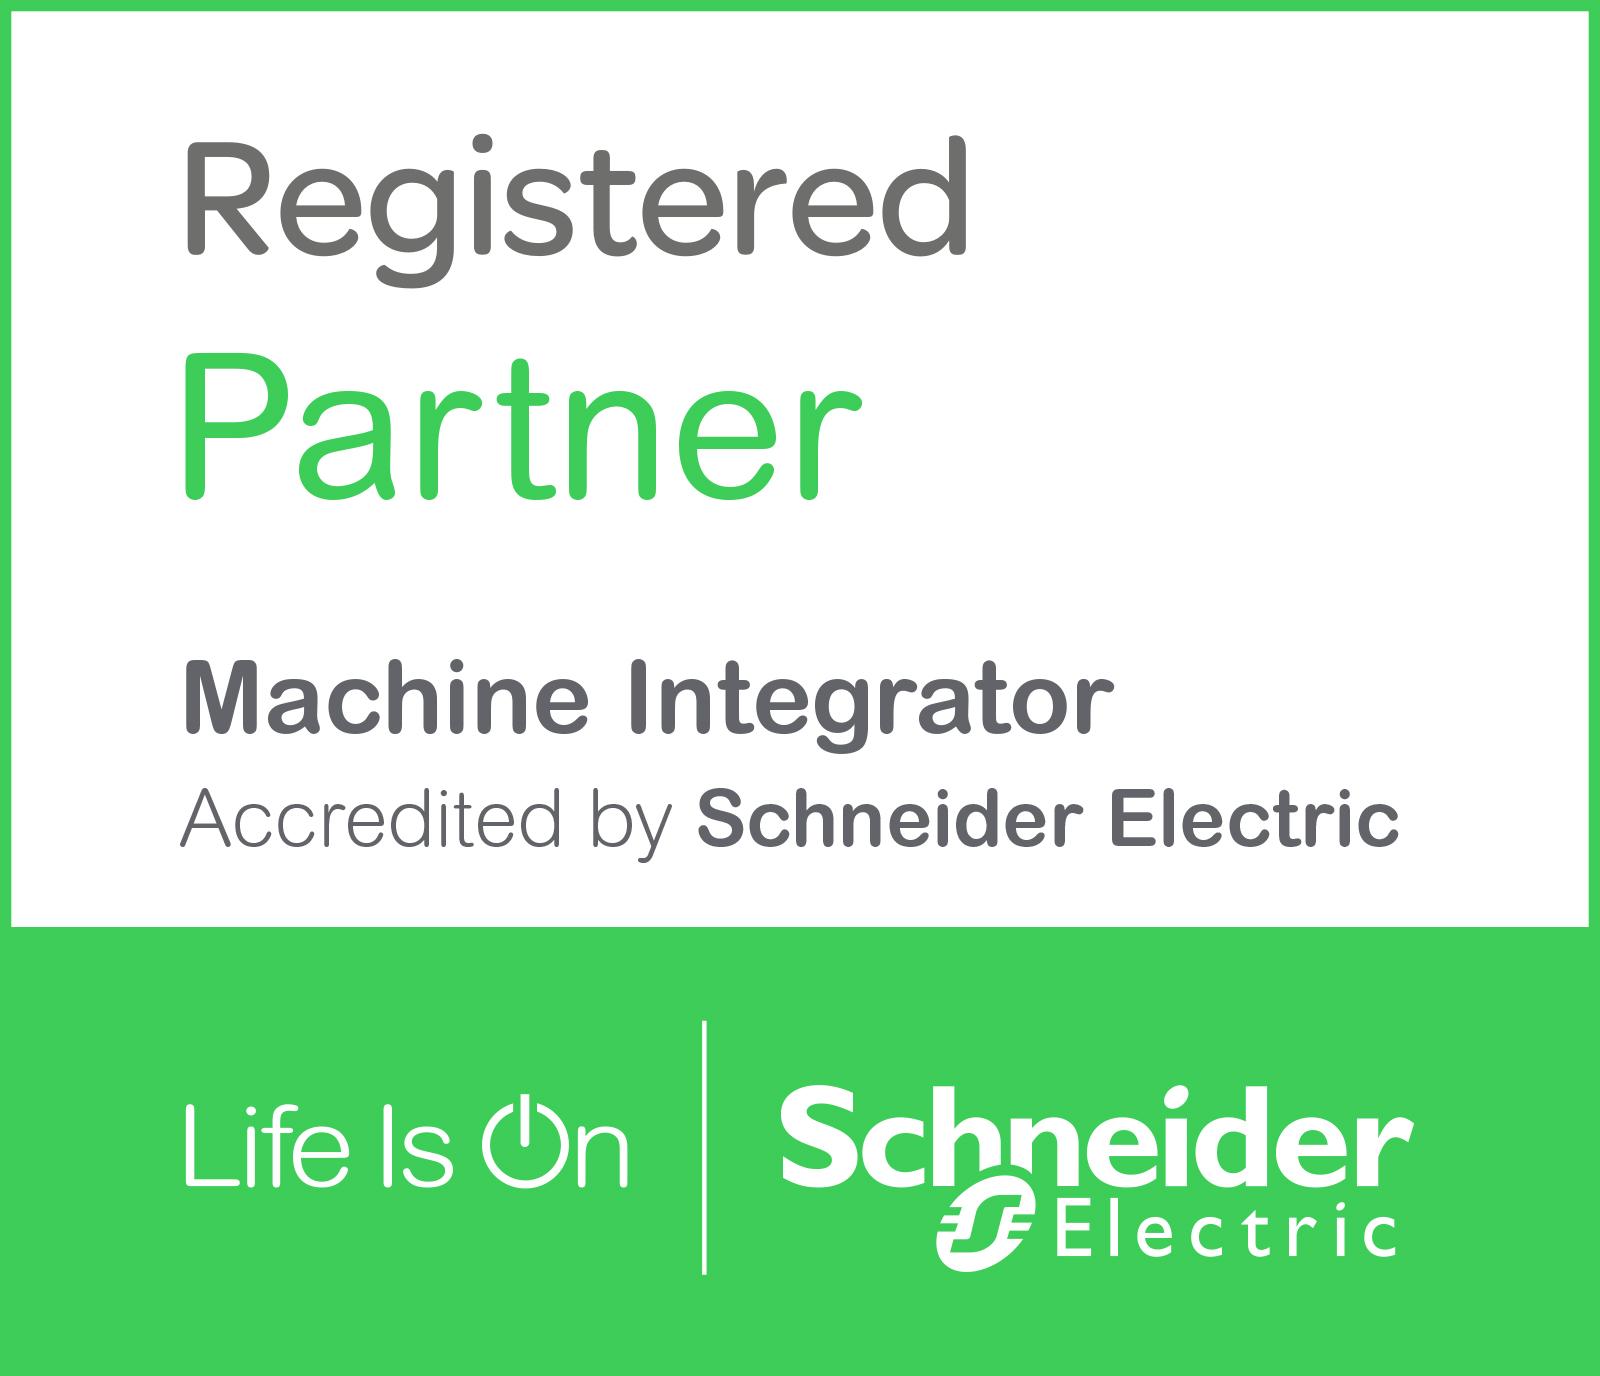 Schneider partner logo